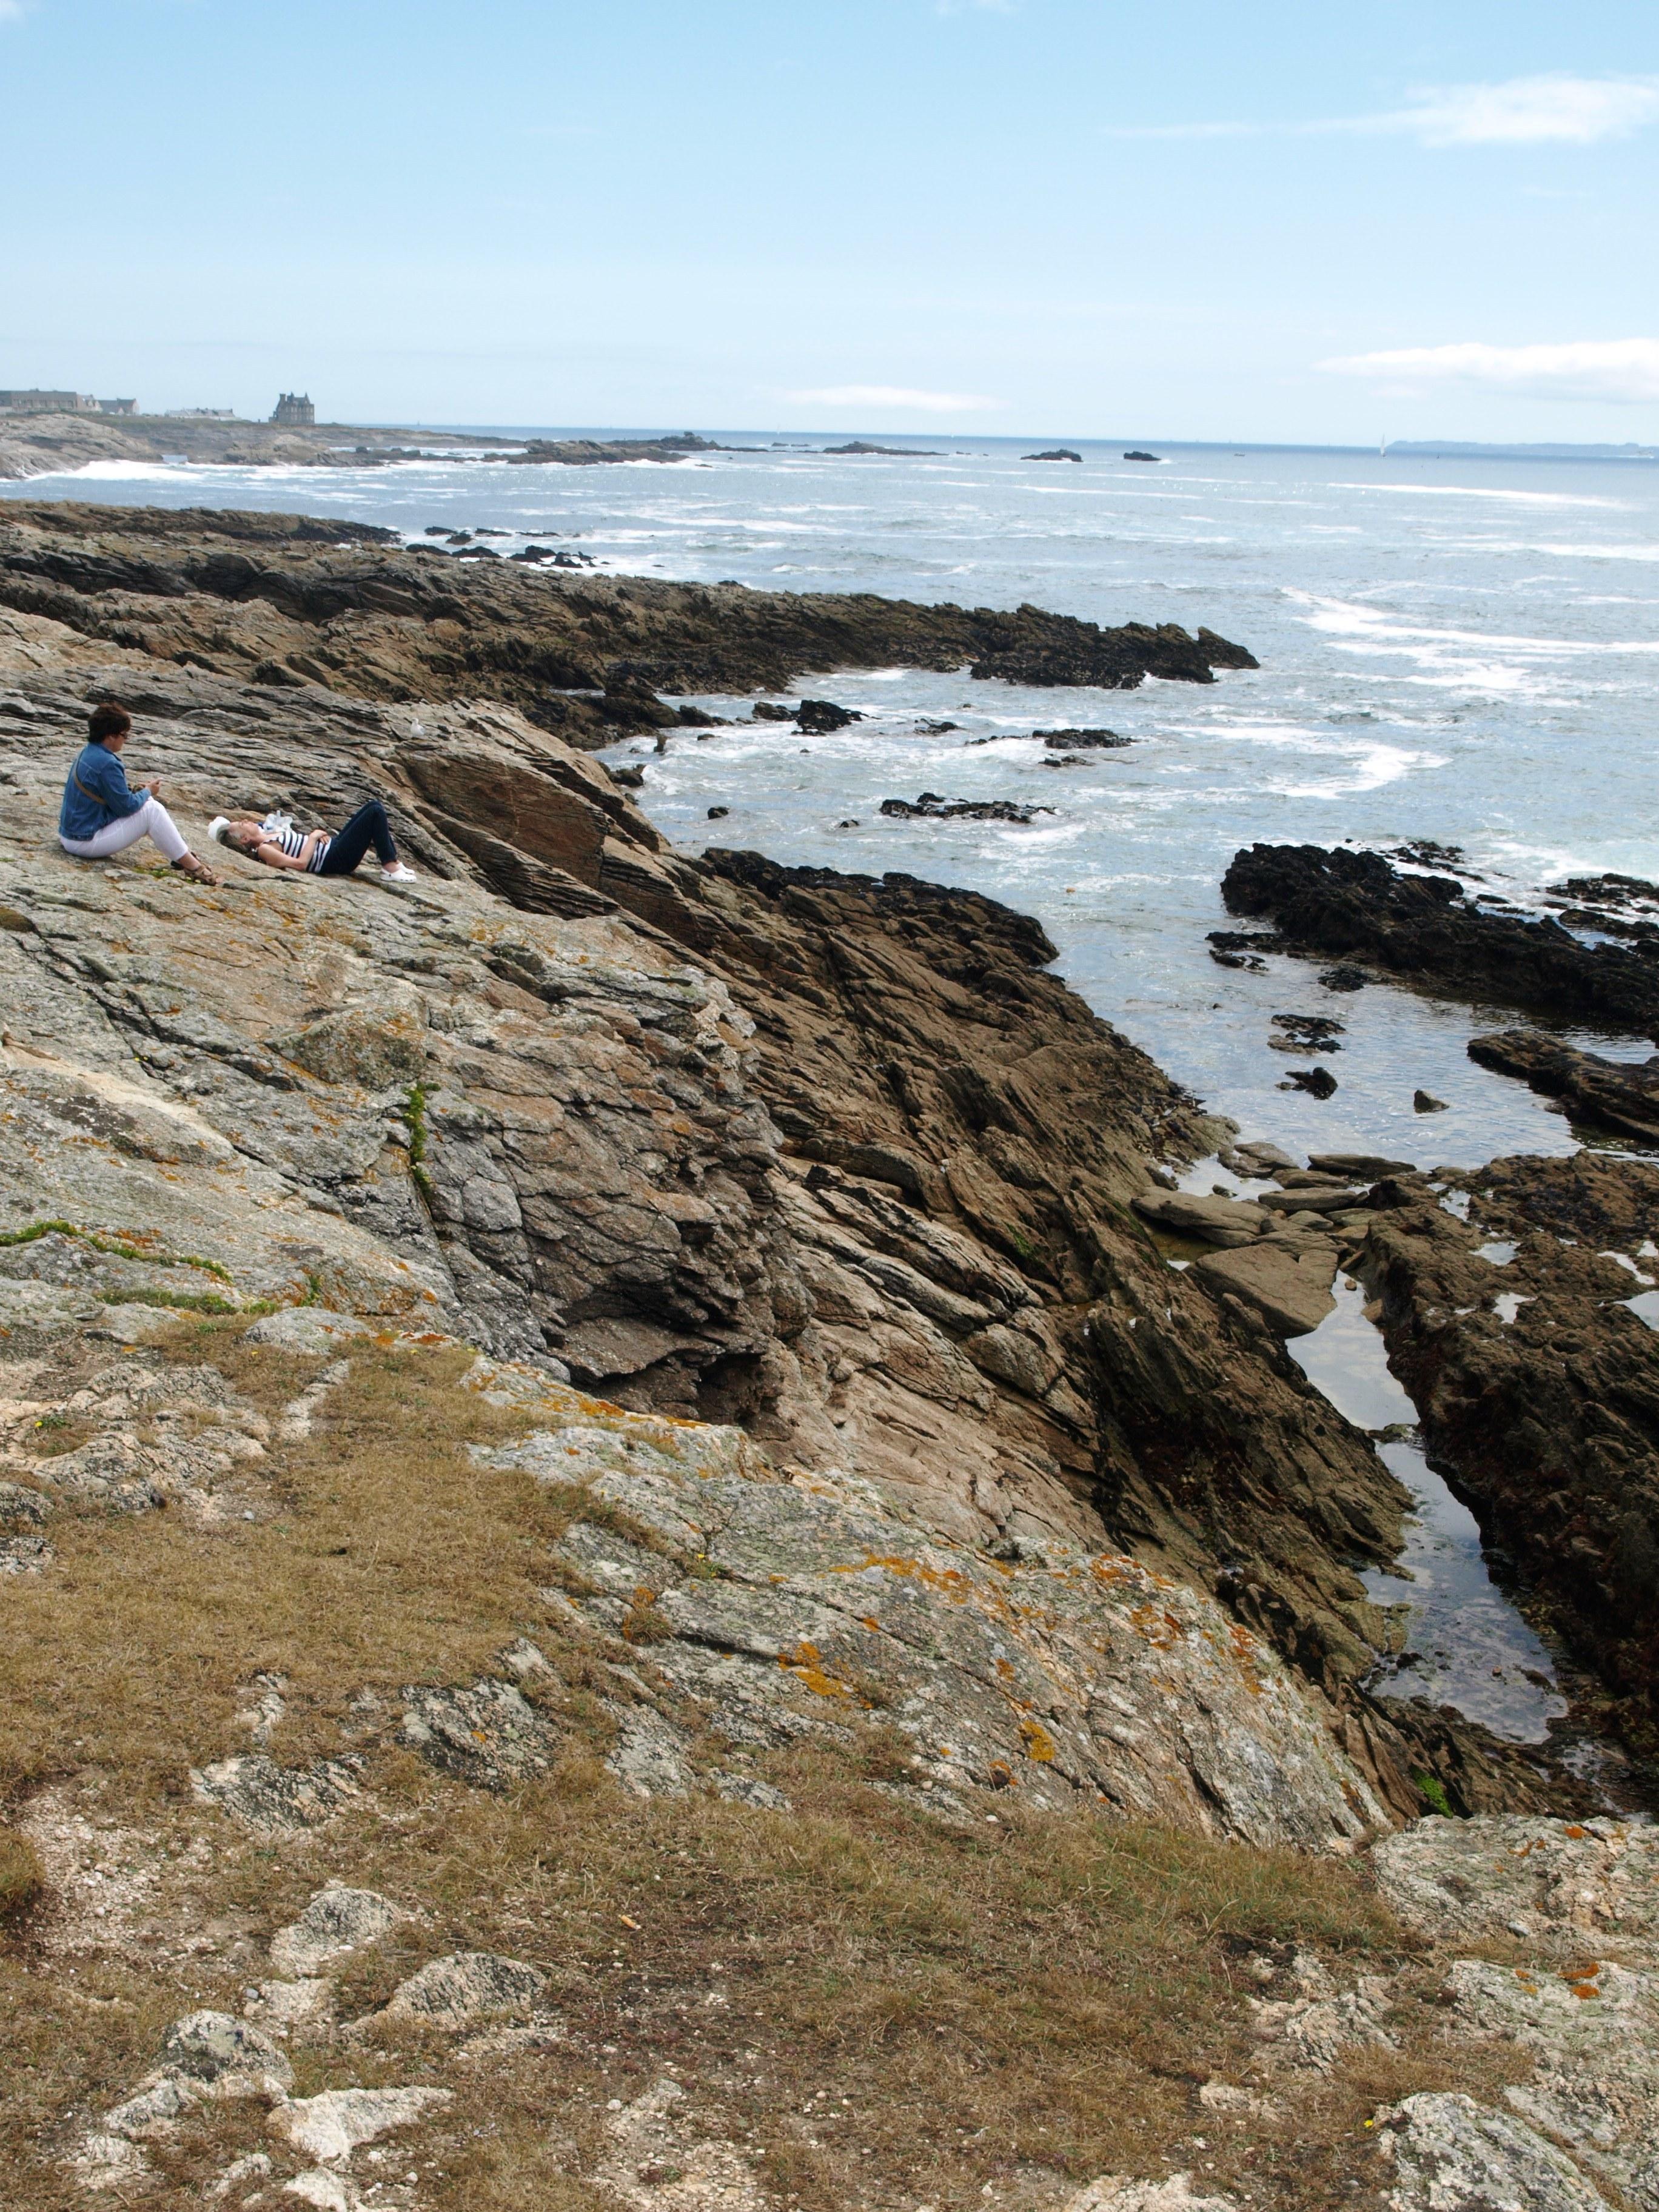 Francie - Bretaň 358 - pobřeží plné mysů, výběžků, ostrůvků a průlivů. Je to pozemská část oceánu, jeho kolonie na pevnině (Kožík)